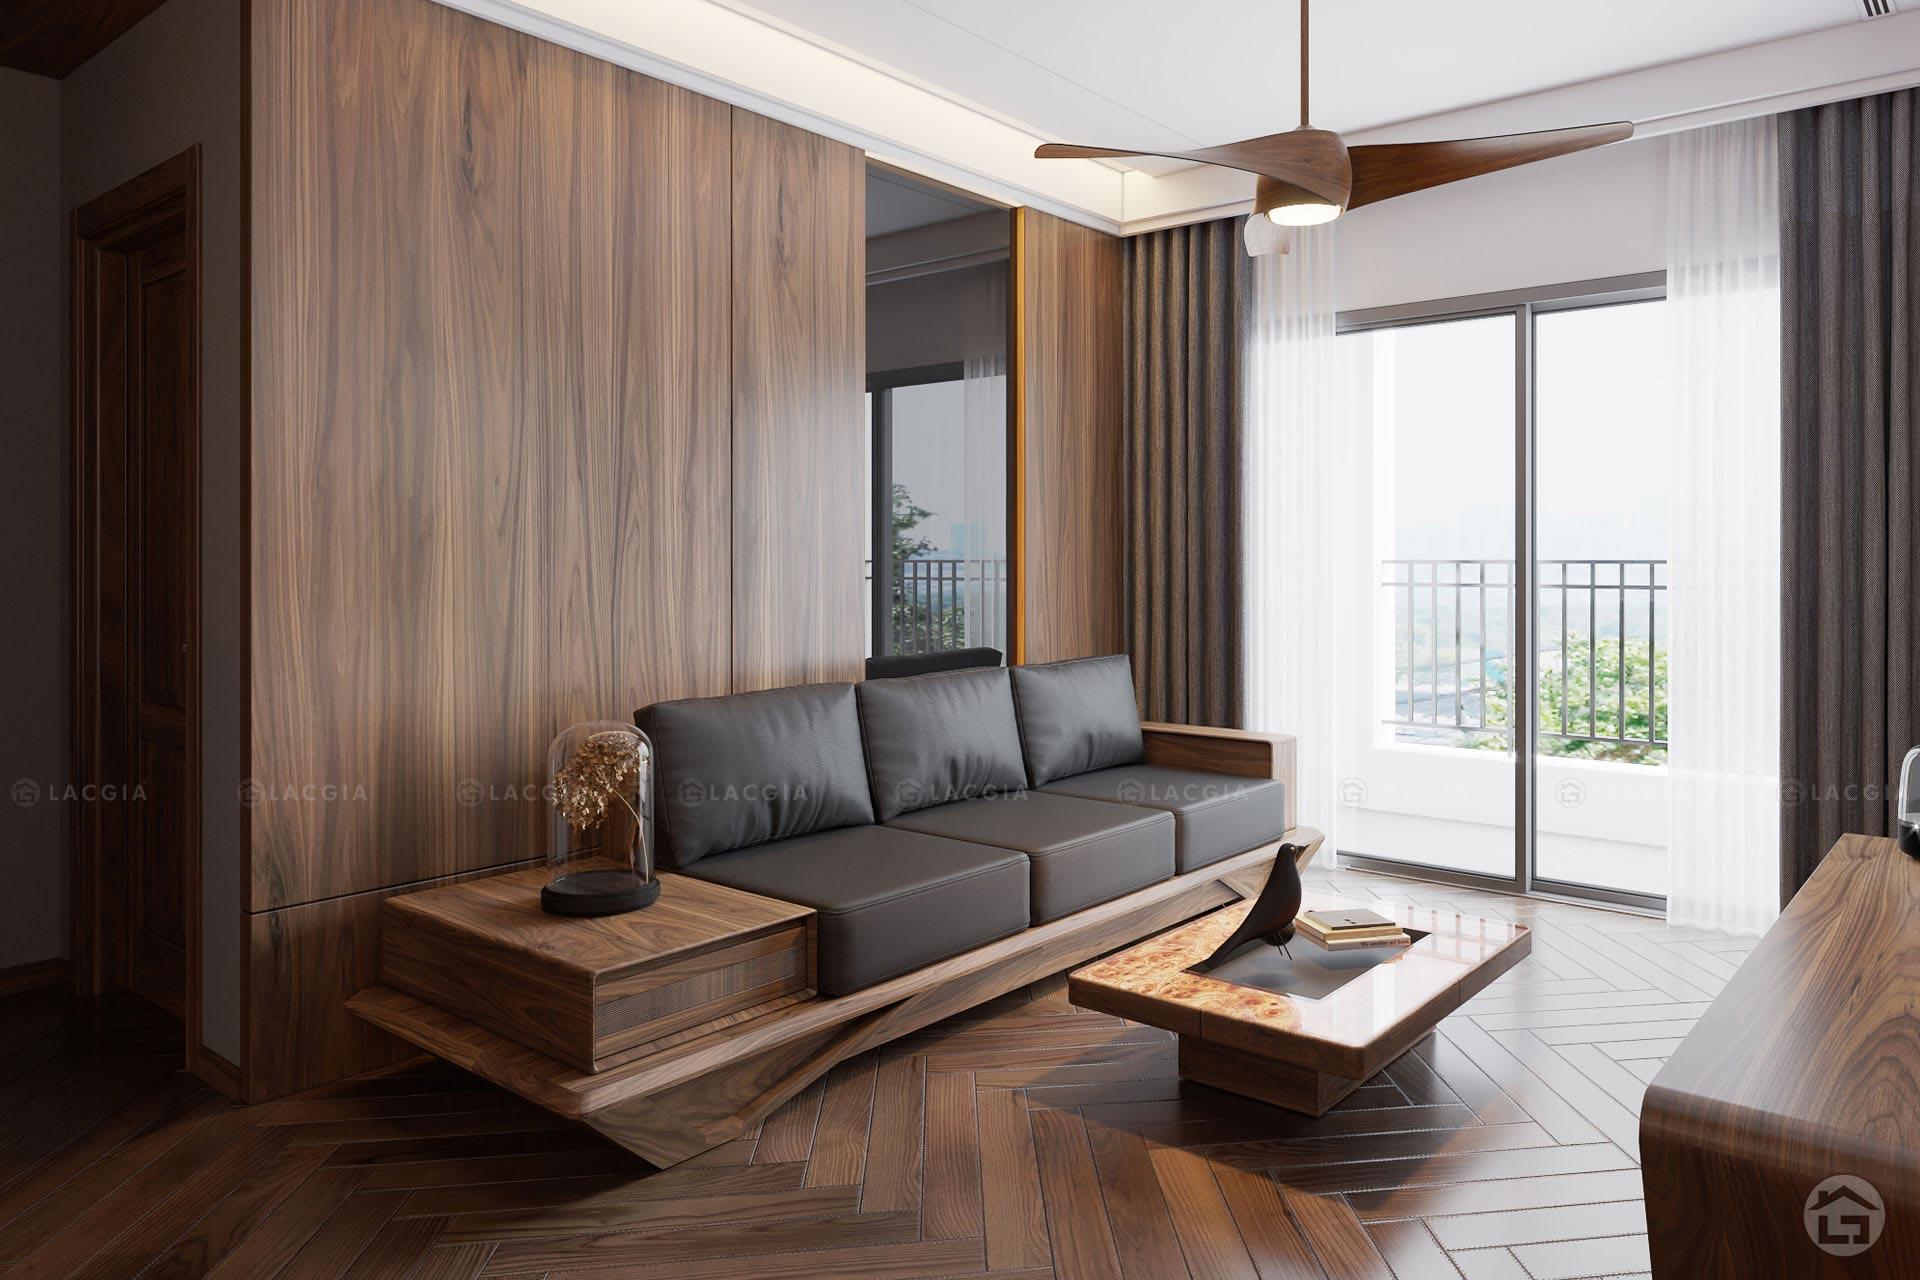 Nội Thất Lạc Gia – đơn vị thiết kế nội thất biệt thự chuyên nghiệp